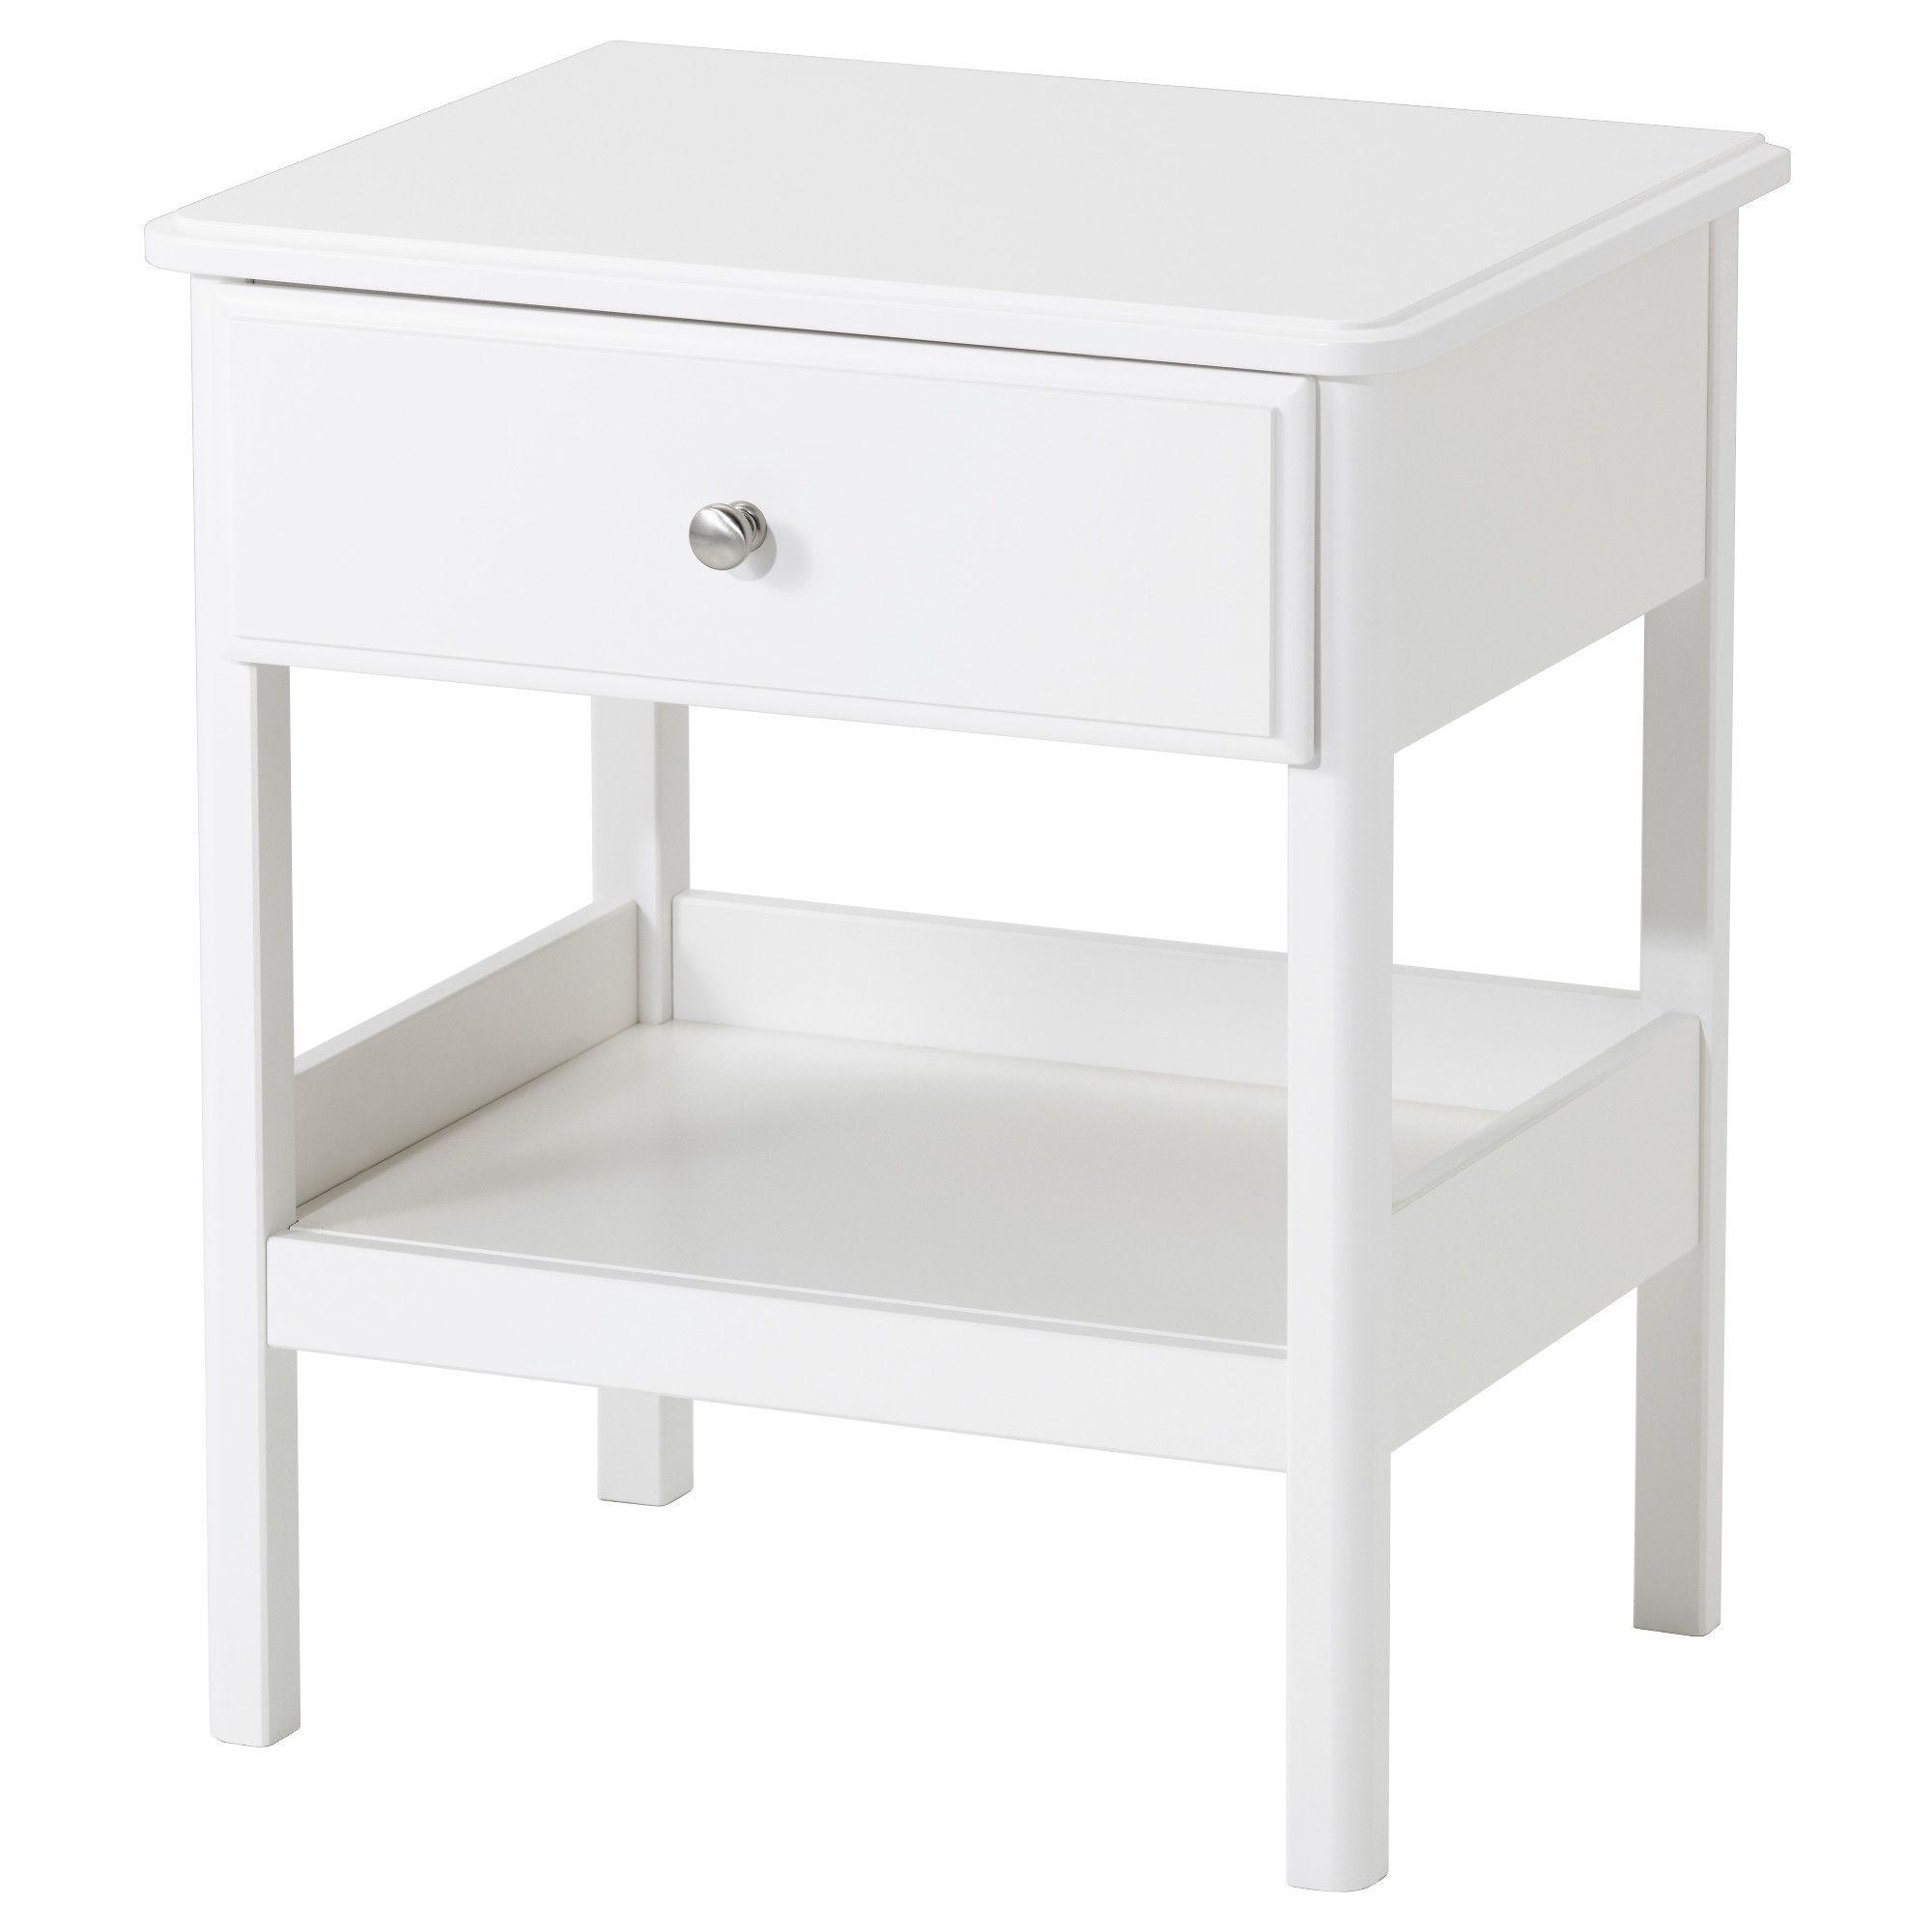 Tyssedal Nightstand White Ikea Ikea Nightstand Ikea Bedroom Ikea